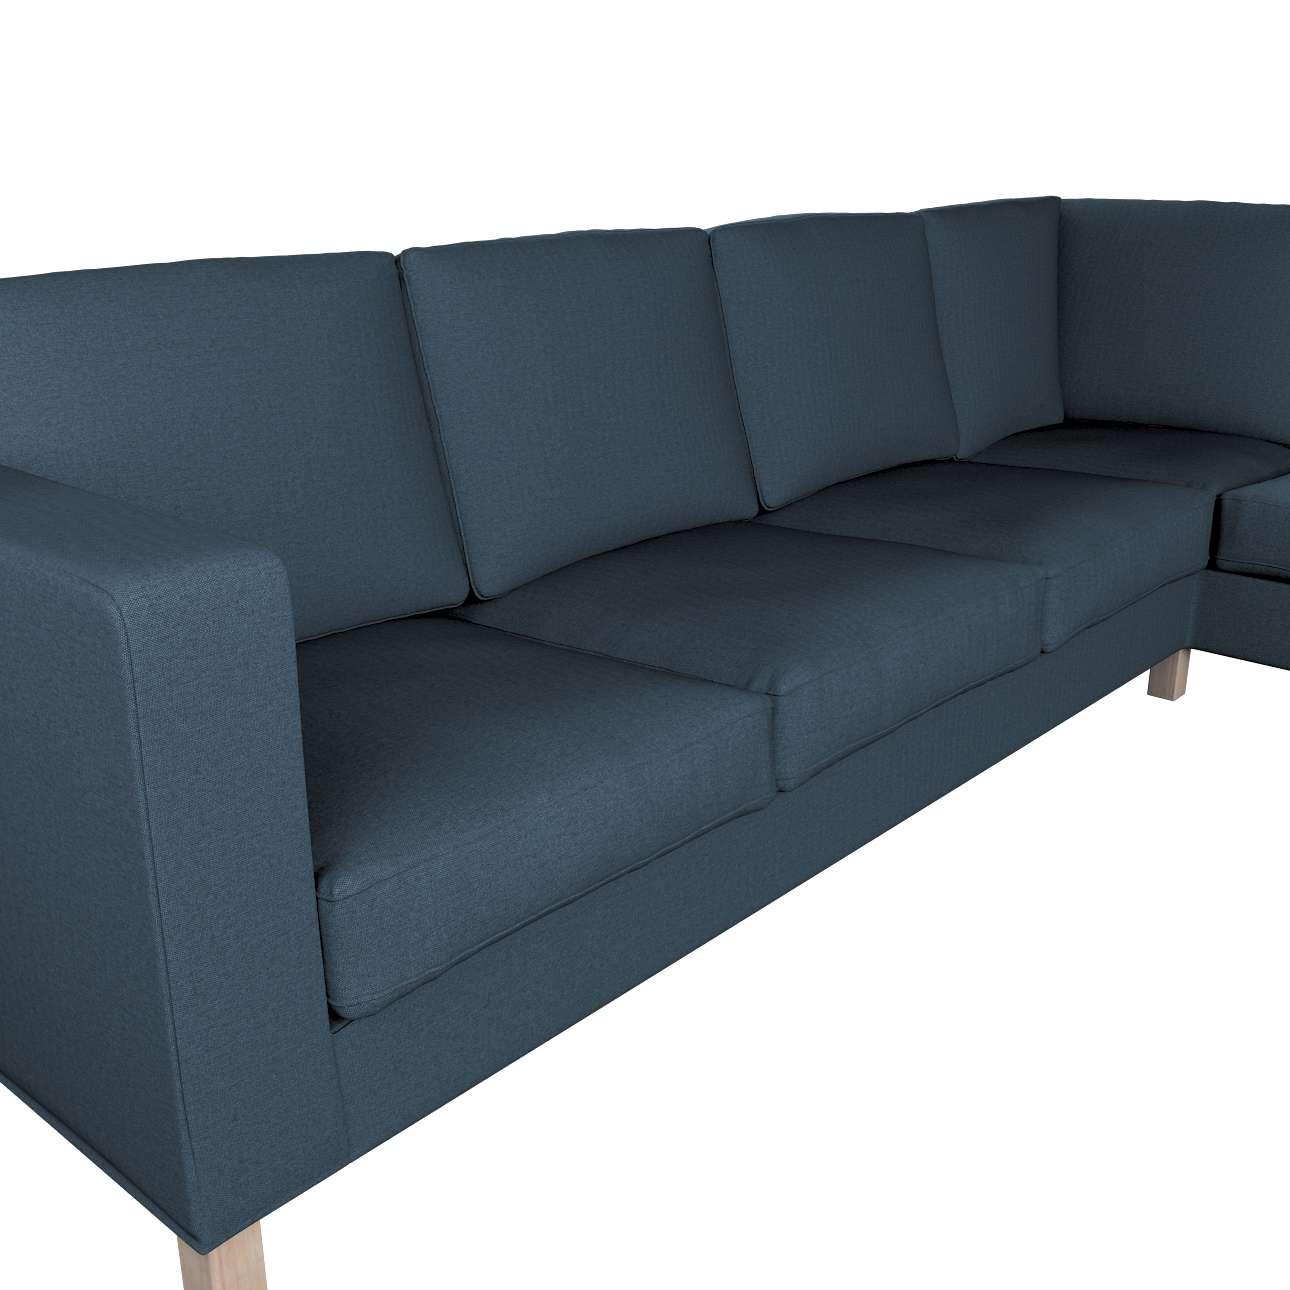 Pokrowiec na sofę narożną lewostronną Karlanda w kolekcji Etna, tkanina: 705-30